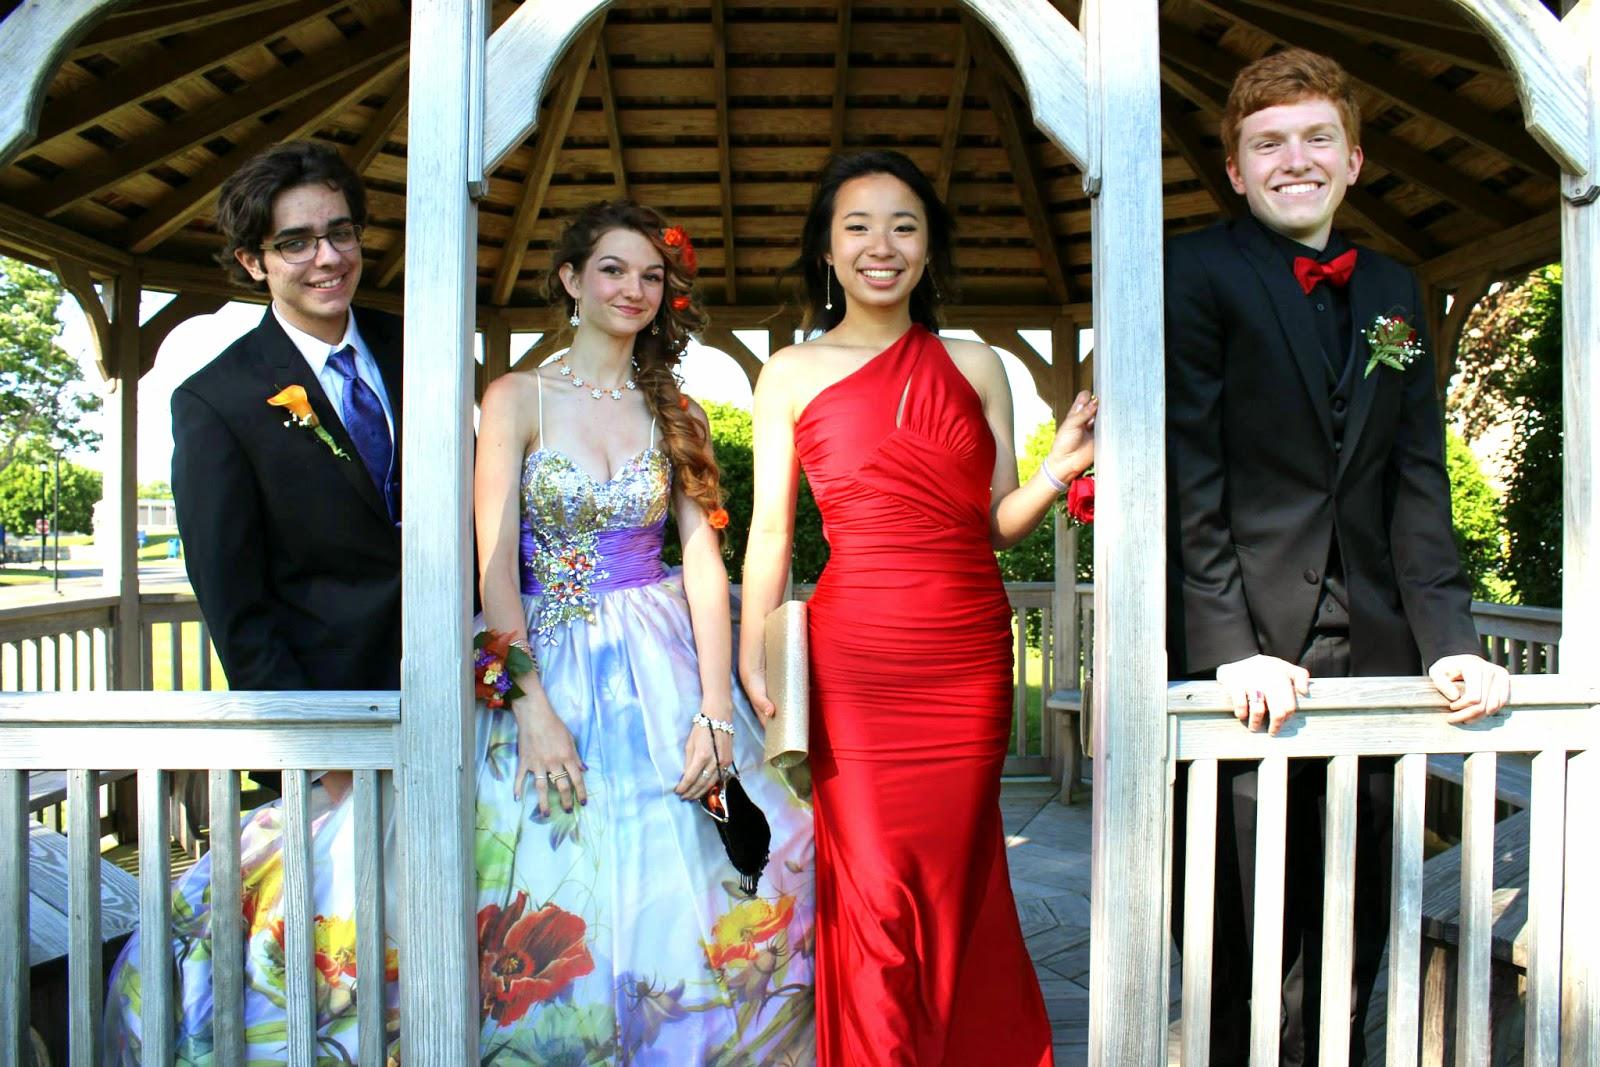 High School Senior Prom Pictures